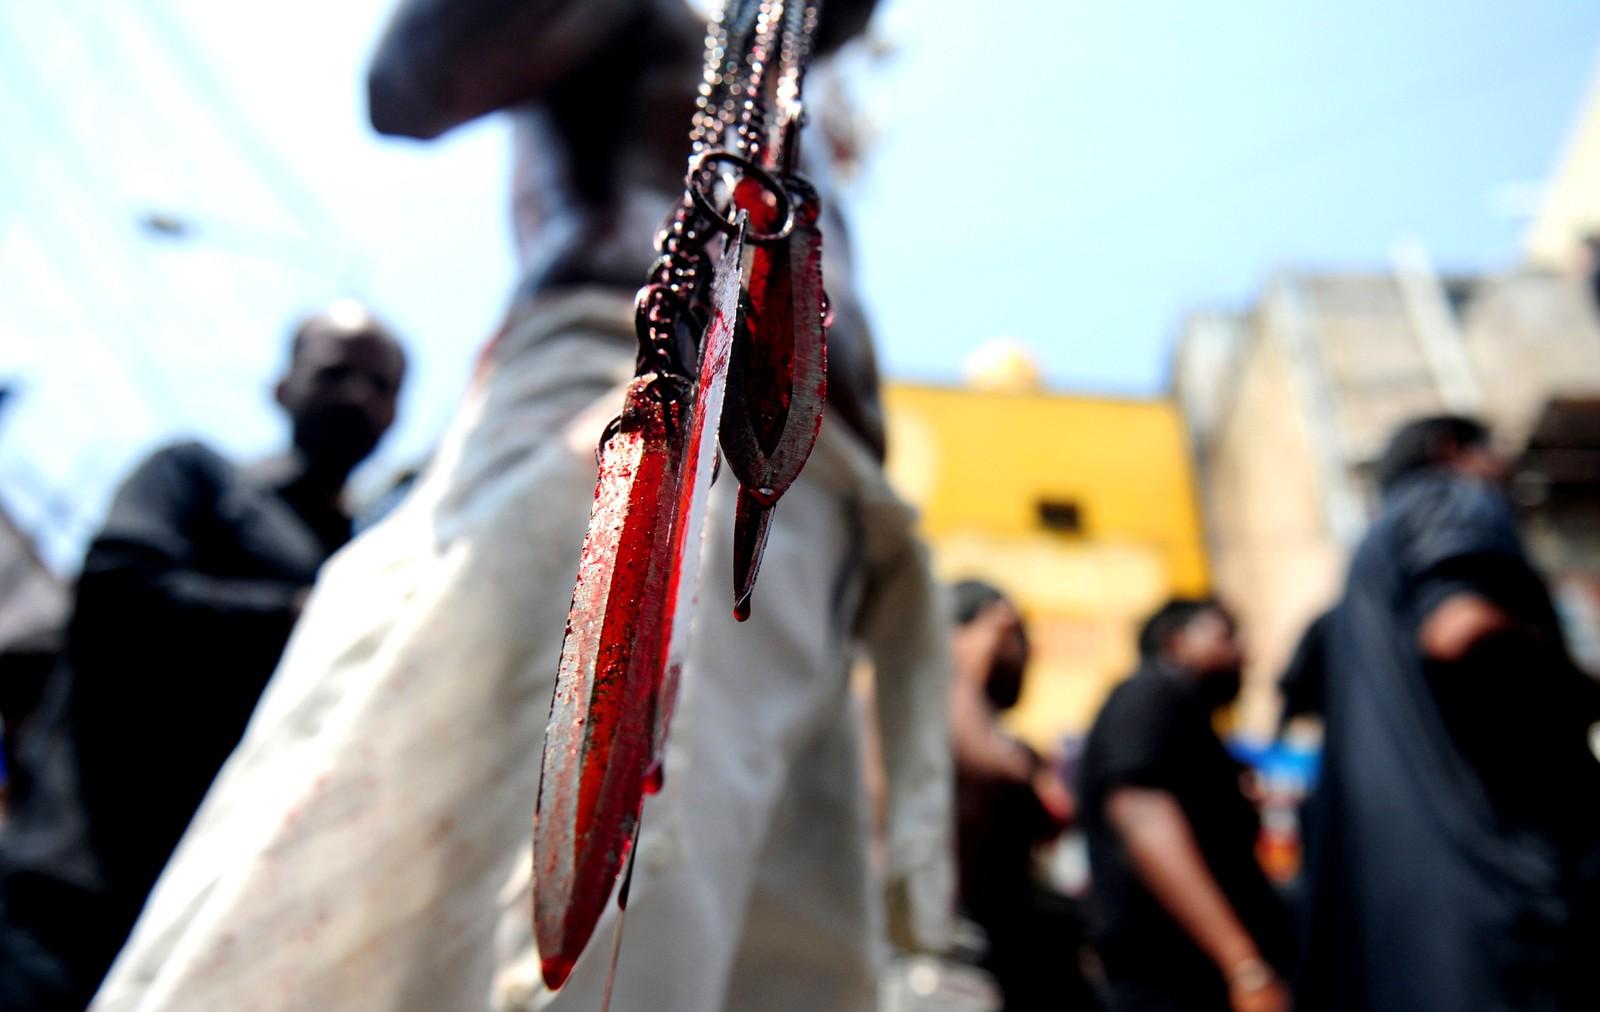 En indisk mann holder en blodig kniv etter han har kuttet seg selv under den tiende dagen av Muharram, kalt ashura-dagen i Chennai i India. Sjiamuslimer feirer martyrdøden til imam Hussain, barnebarnet til profeten Mohammed, som ble drept i år 680. Det gjør de blant annet gjennom å skade seg selv på forskjellige måter.